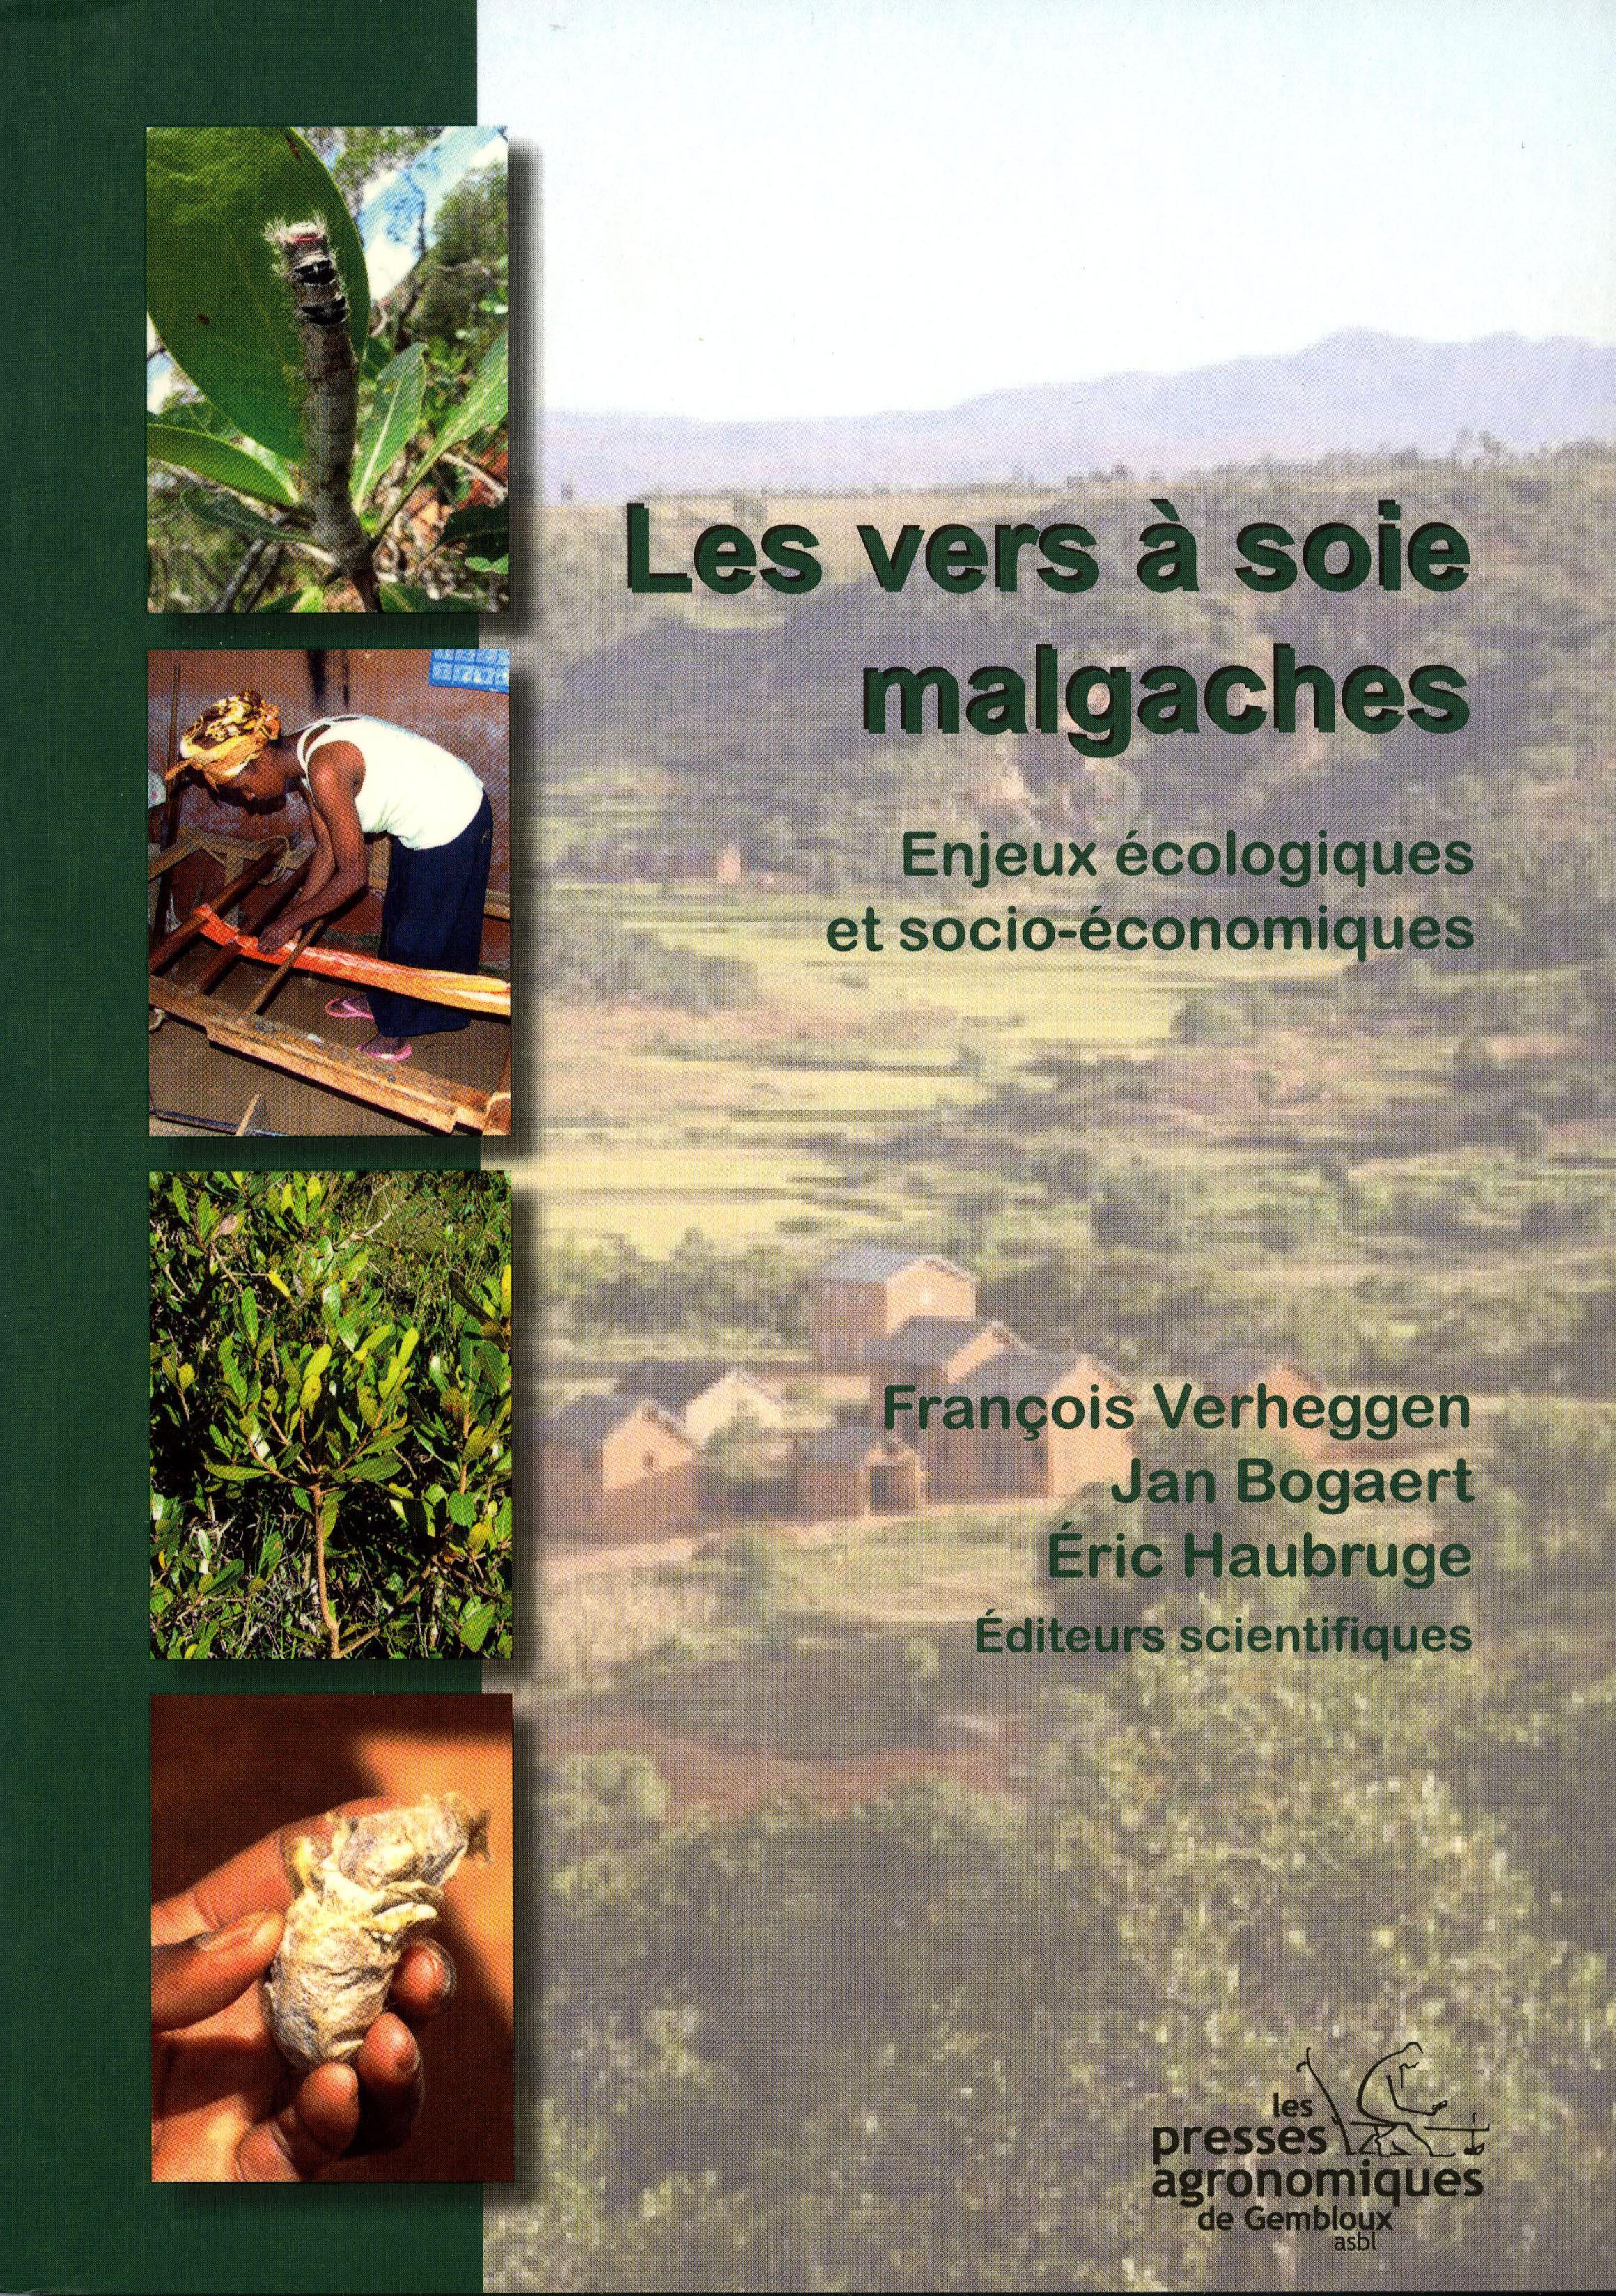 LES VERS A SOIE MALGACHES : ENJEUX ECOLOGIQUES ET SOCIO-ECONOMIQUES